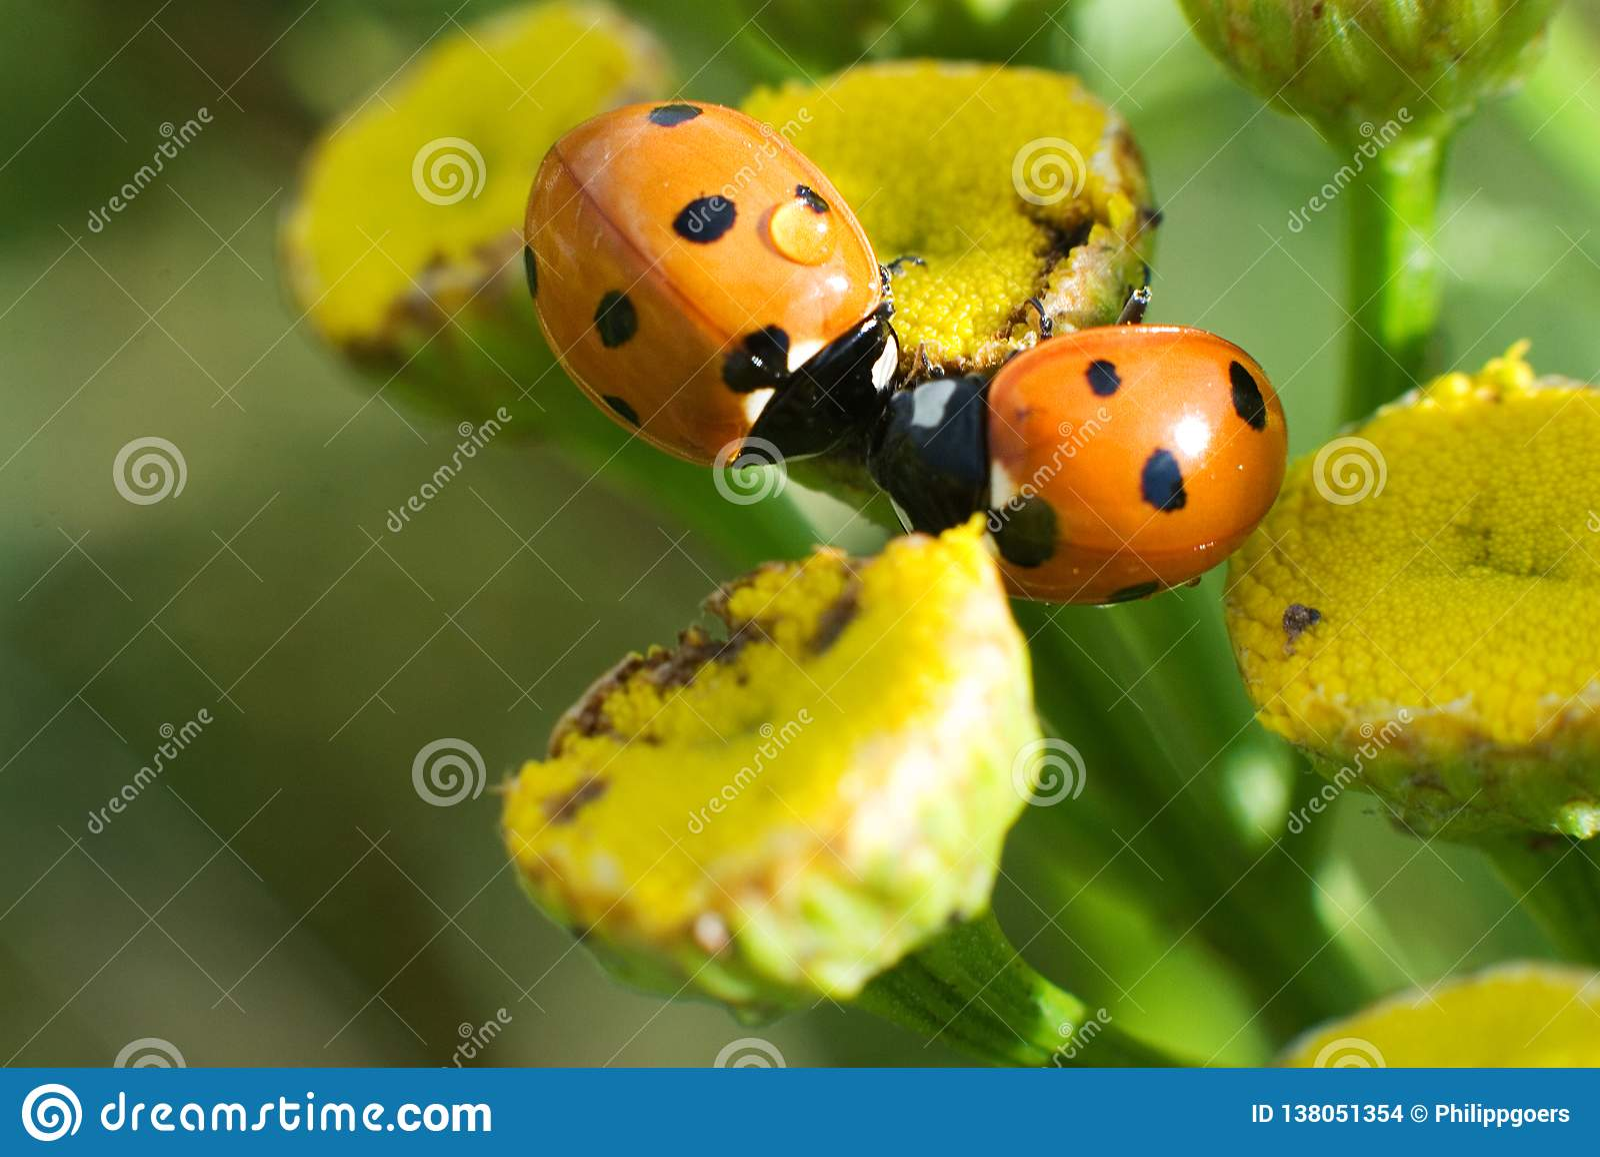 Zwei Marienkäfer küsst sich